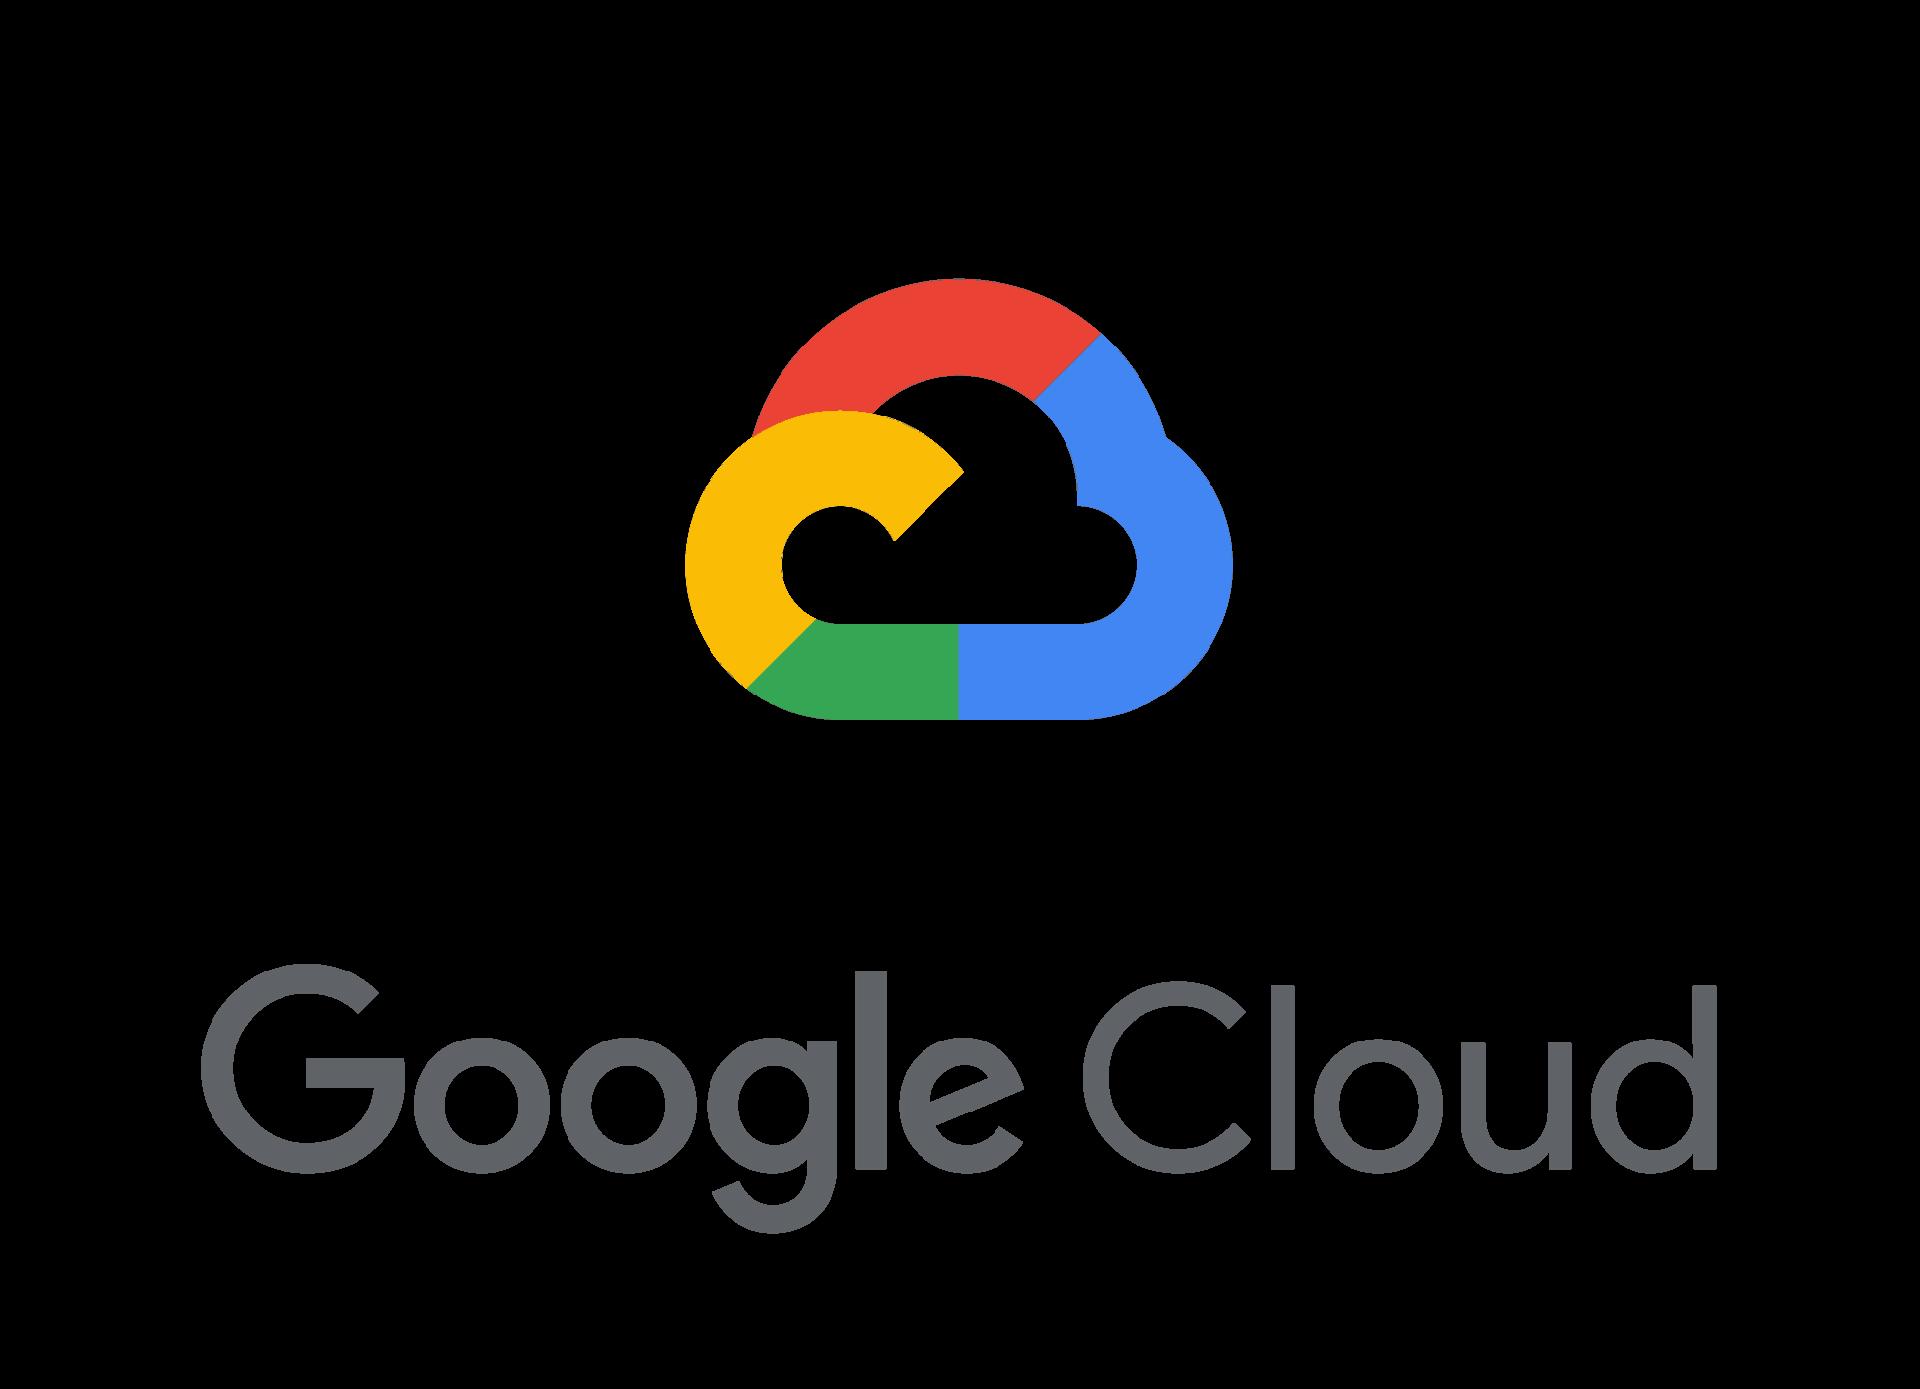 Google Cloud Website Asset Management